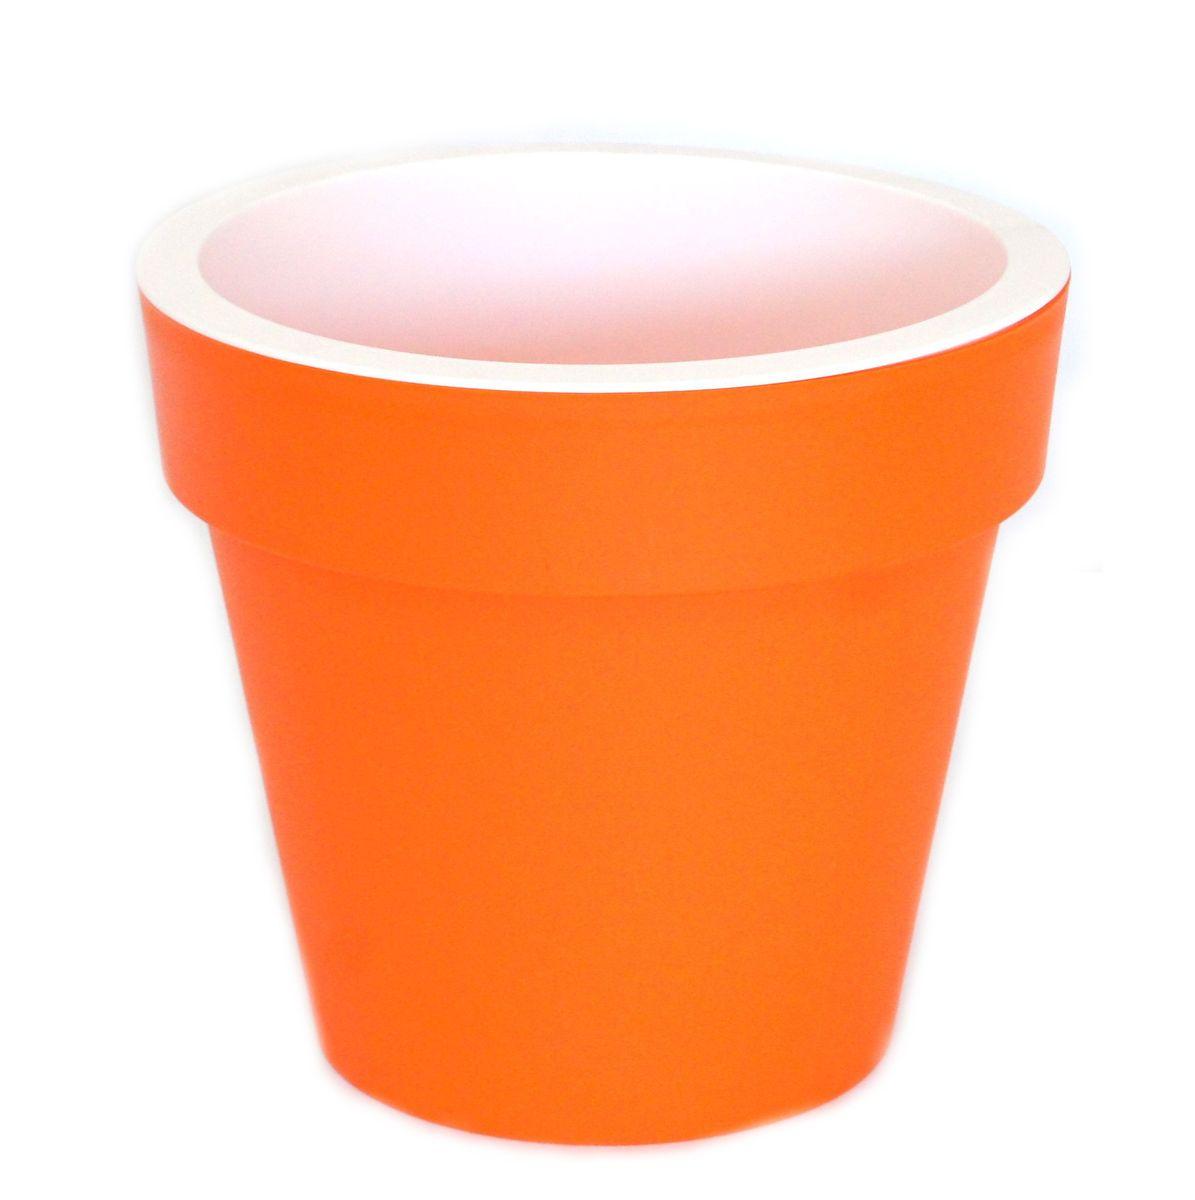 Кашпо JetPlast Порто, со вставкой, цвет: оранжевый, 2,4 л4612754052479Кашпо Порто классической формы с внутренней вставкой-горшком. Дренажная вставка позволяет легко поливать растения без использования дополнительного поддона. Вместительный объем кашпо позволяет высаживать самые разнообразные растения, а съемная вставка избавит вас от грязи и подчеркнет красоту цветка. Оно изготовлено из прочного полипропилена (пластика). Такое кашпо порадует вас функциональностью, а благодаря лаконичному дизайну впишется в любой интерьер помещения. Объем кашпо: 2,4 л.